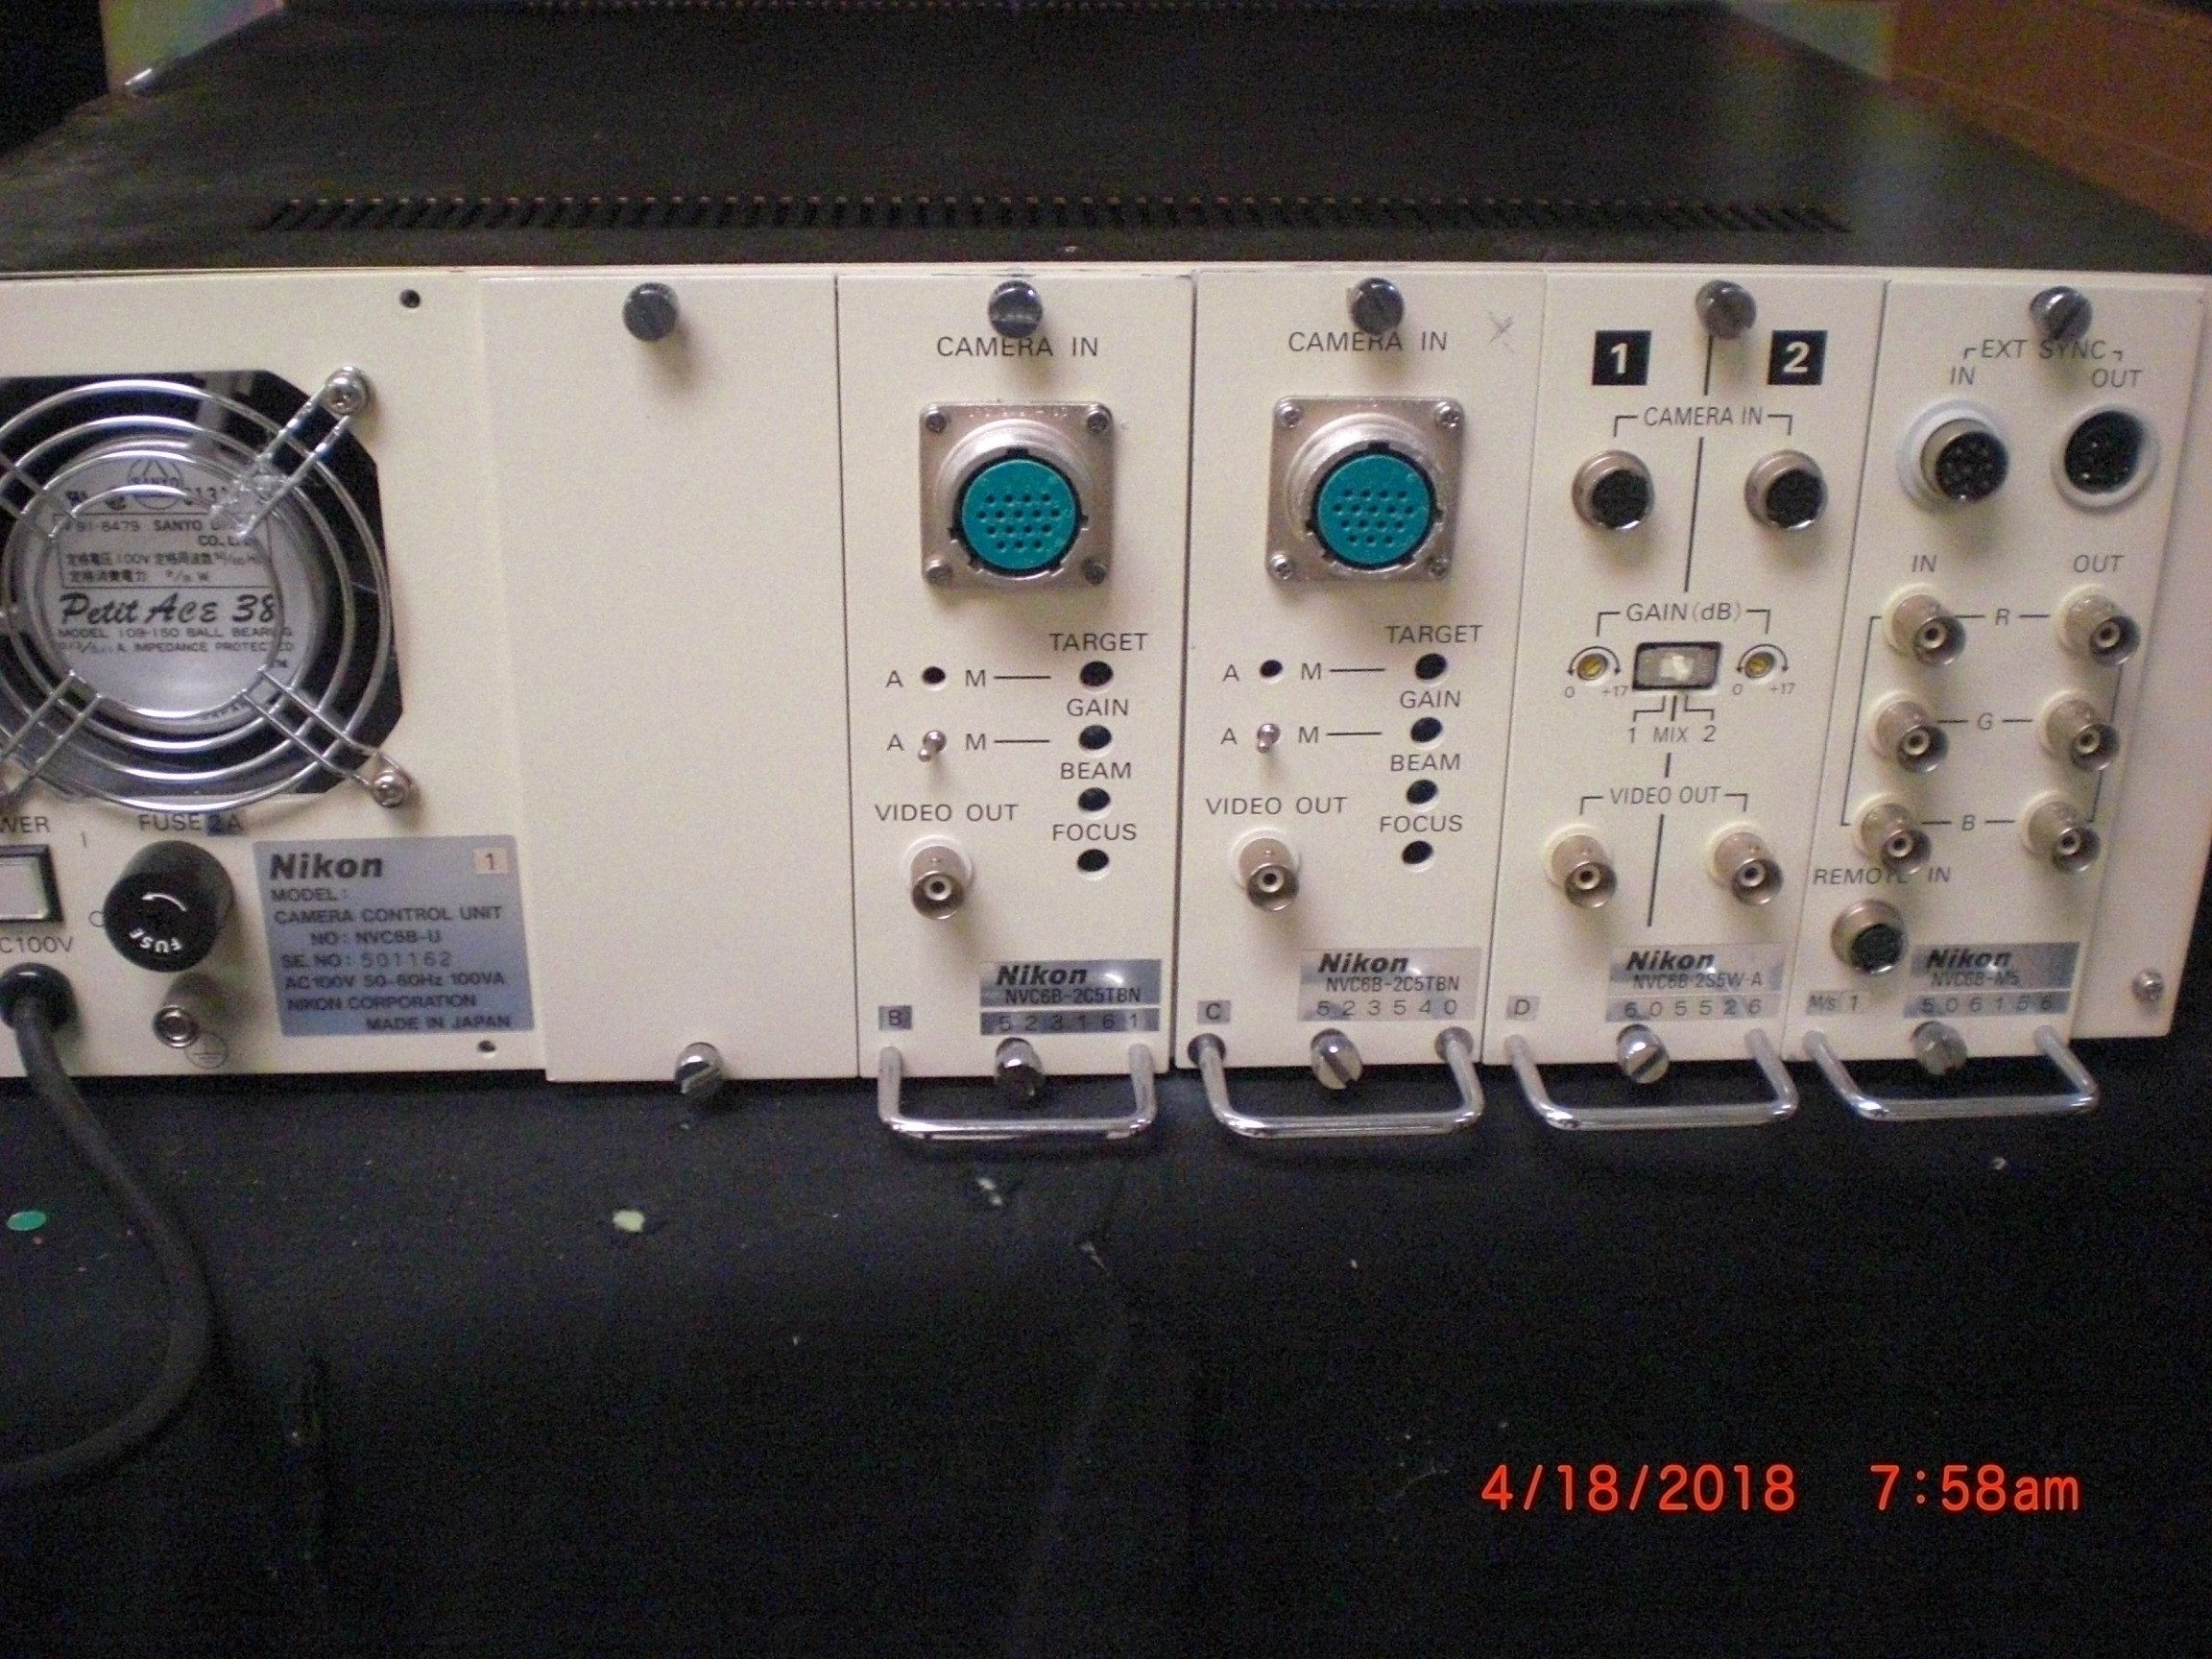 Camera NIKON NVC6B-U i9 Camera Control unit